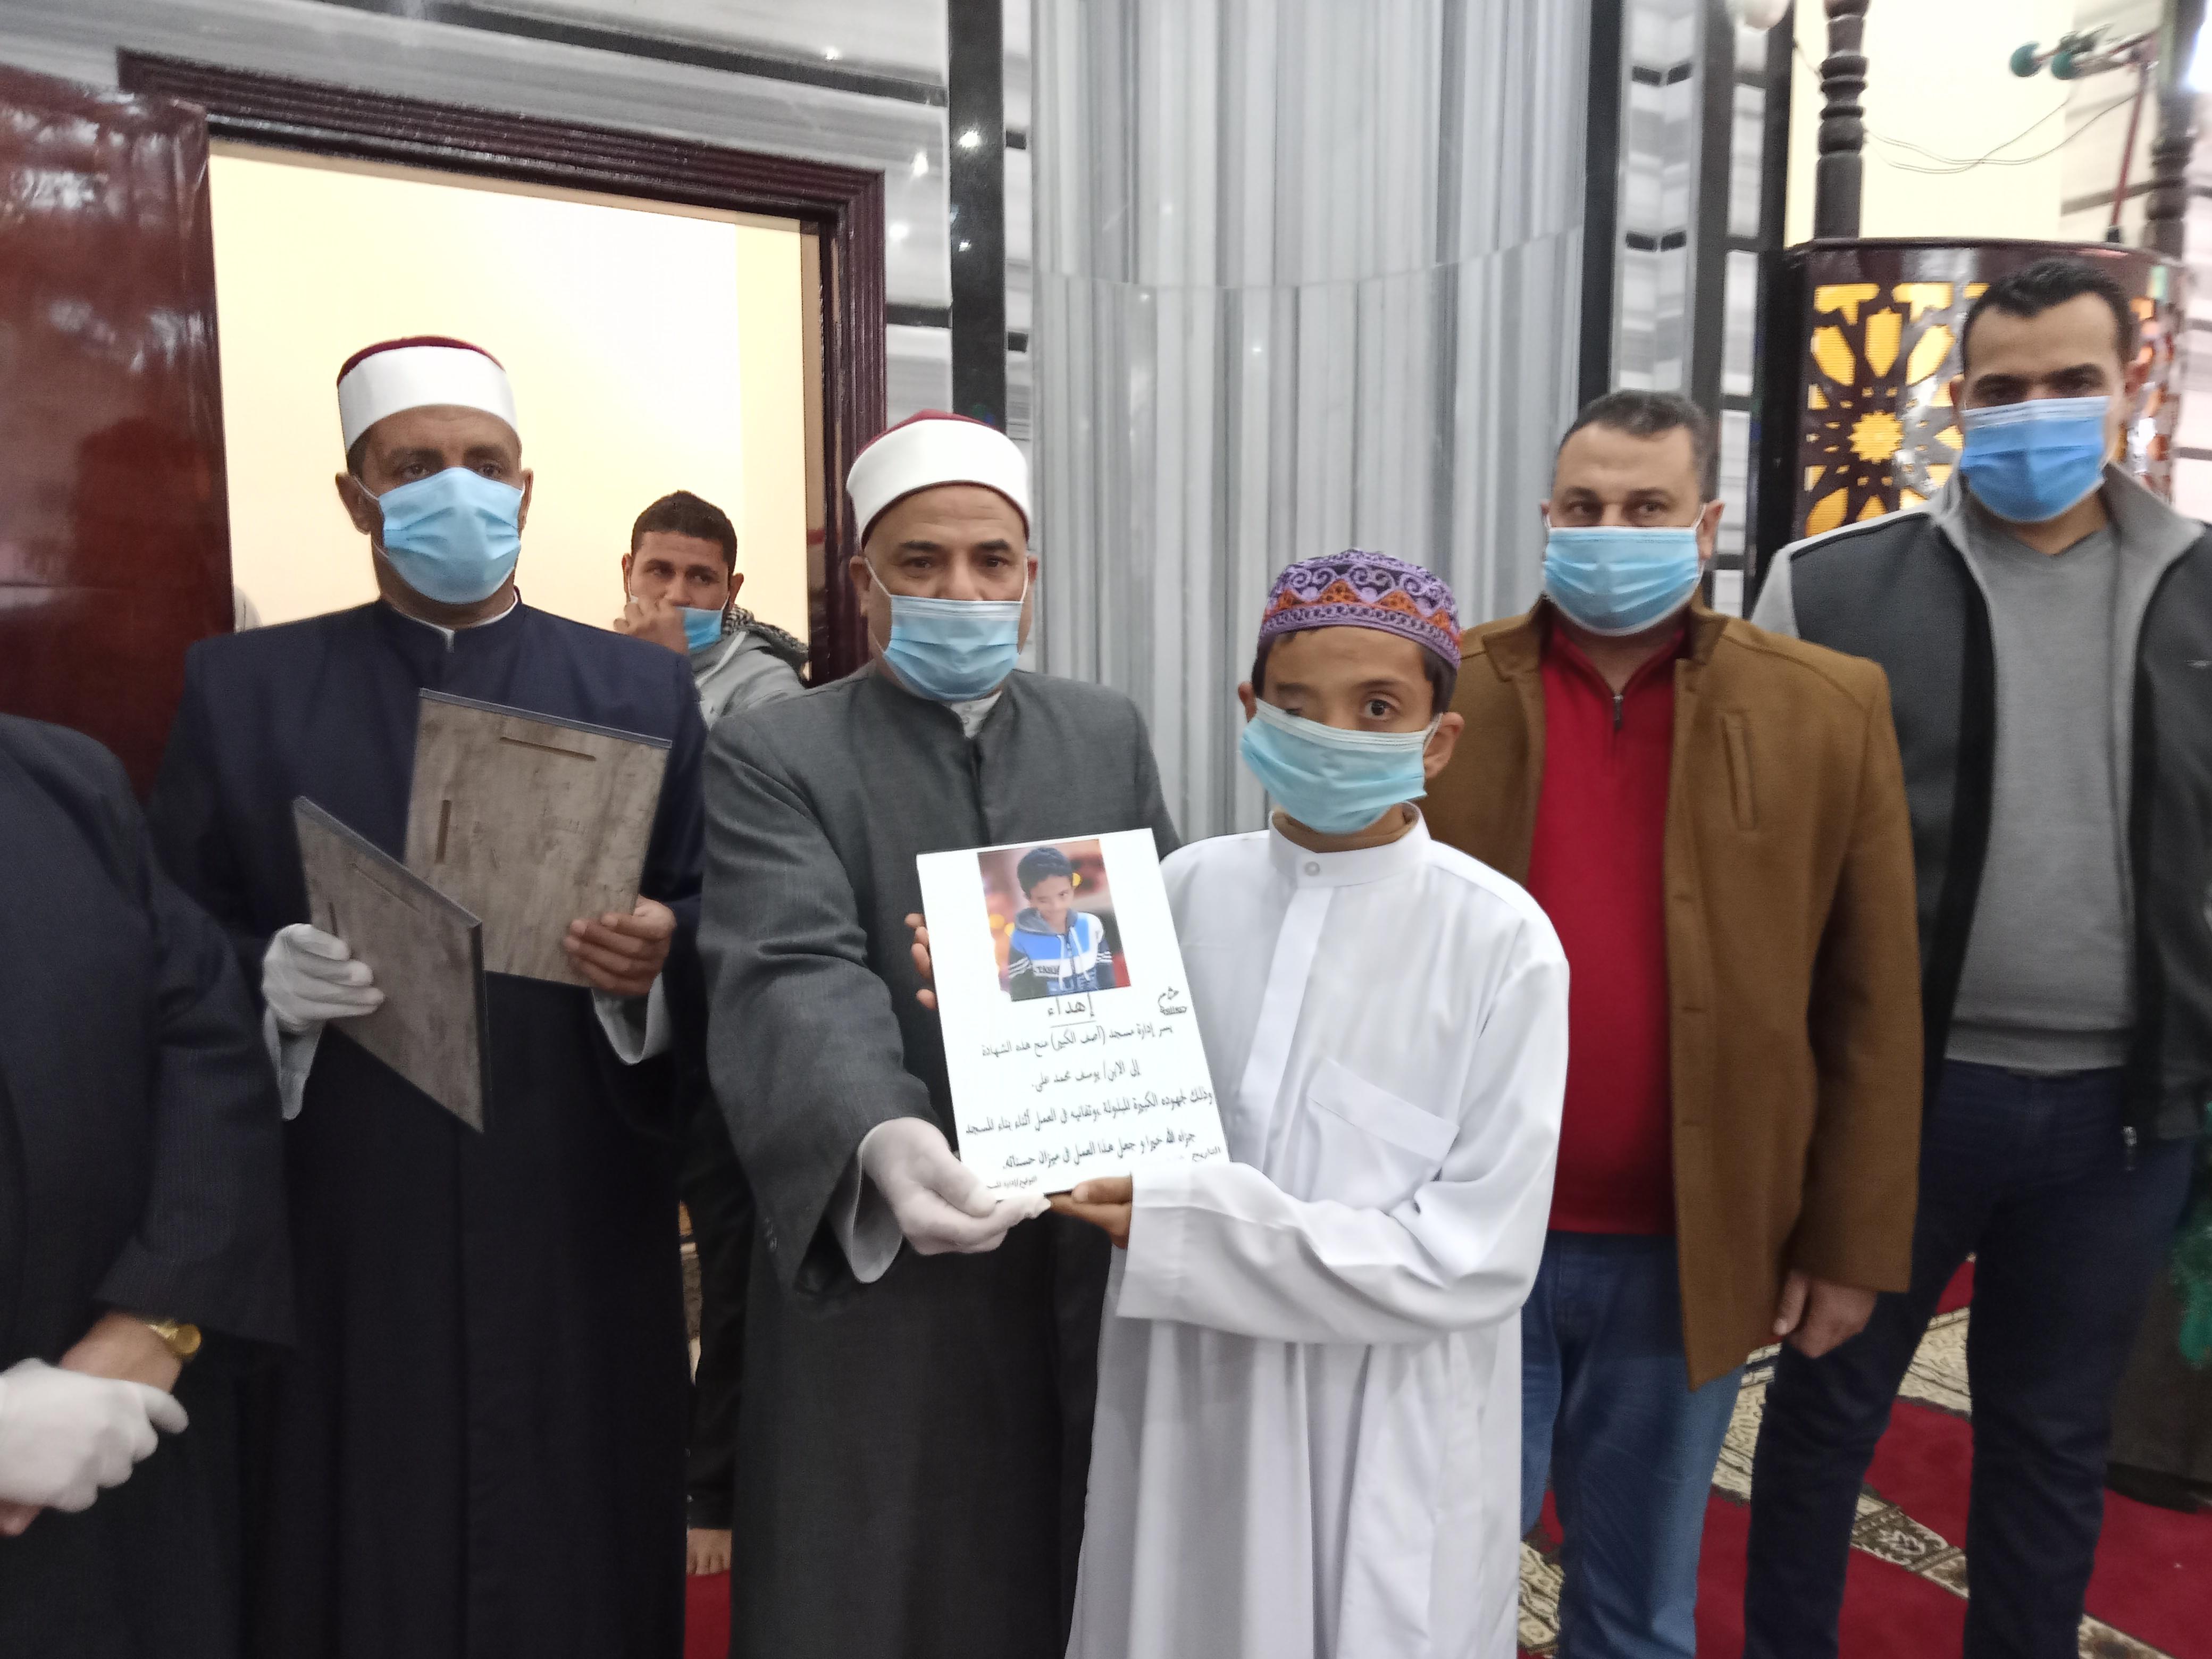 تكلريم طفل شارك في بناء مسجد بحضور وكيل أواف كفر الشيخ